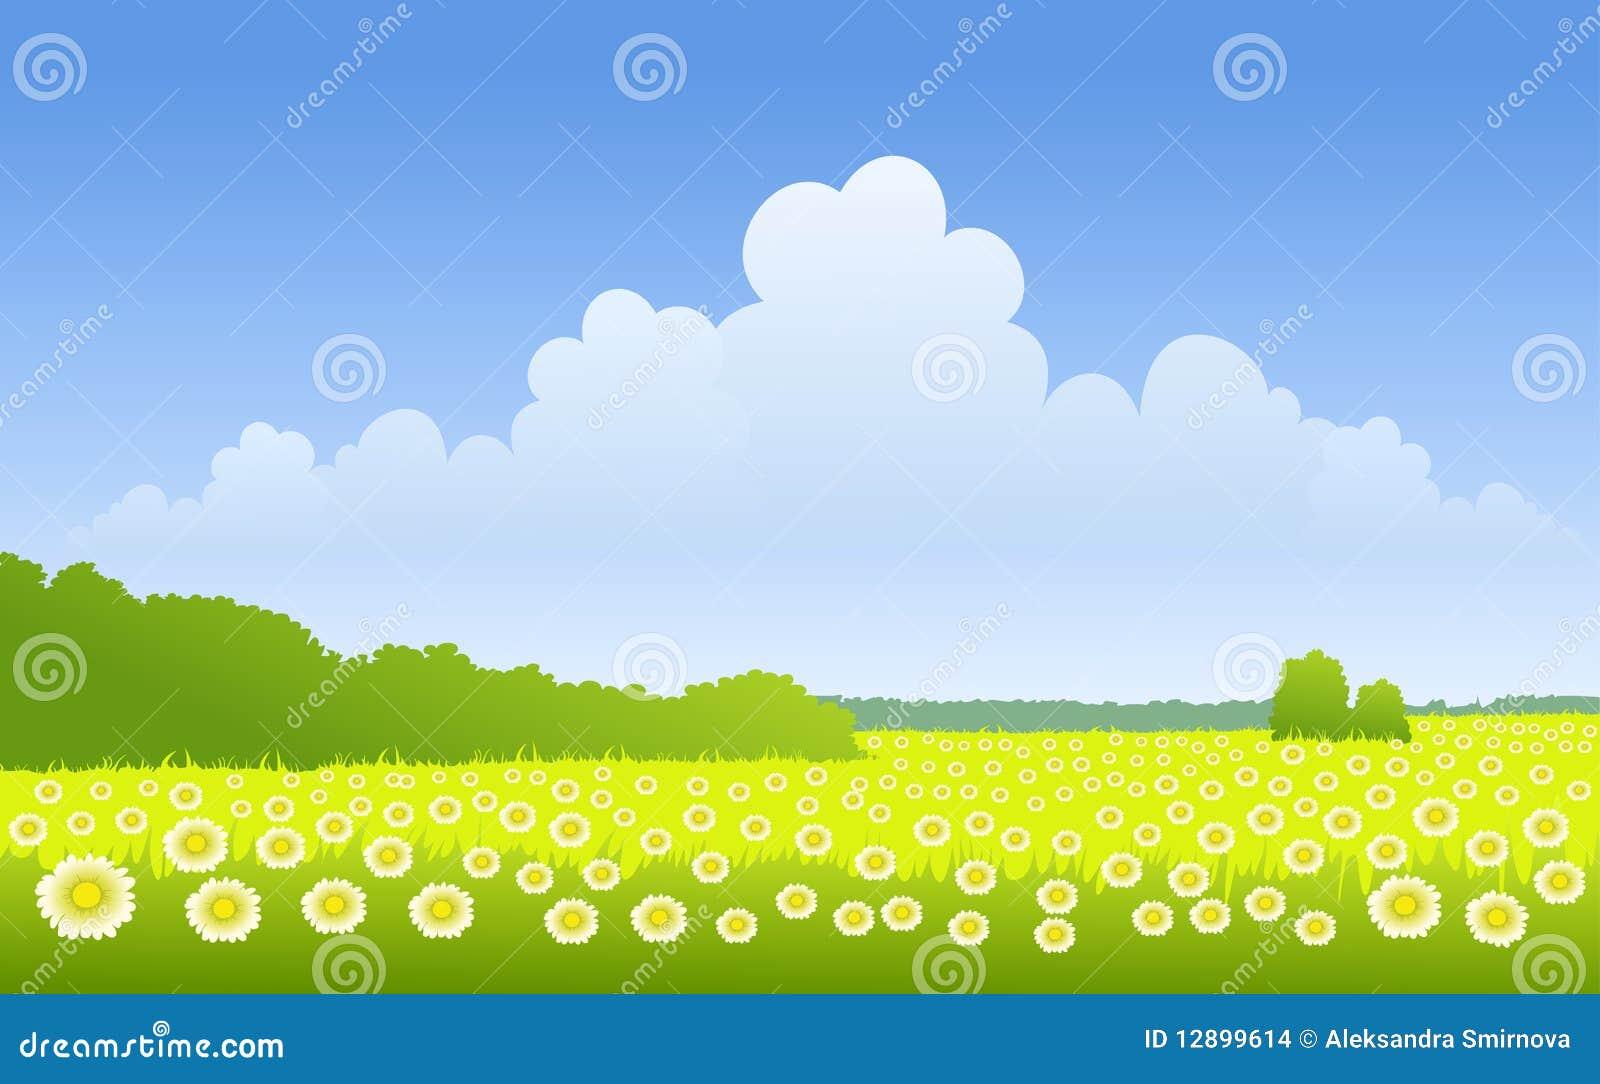 Sunny landscape stock images image 12899614 for Sunny landscape designs